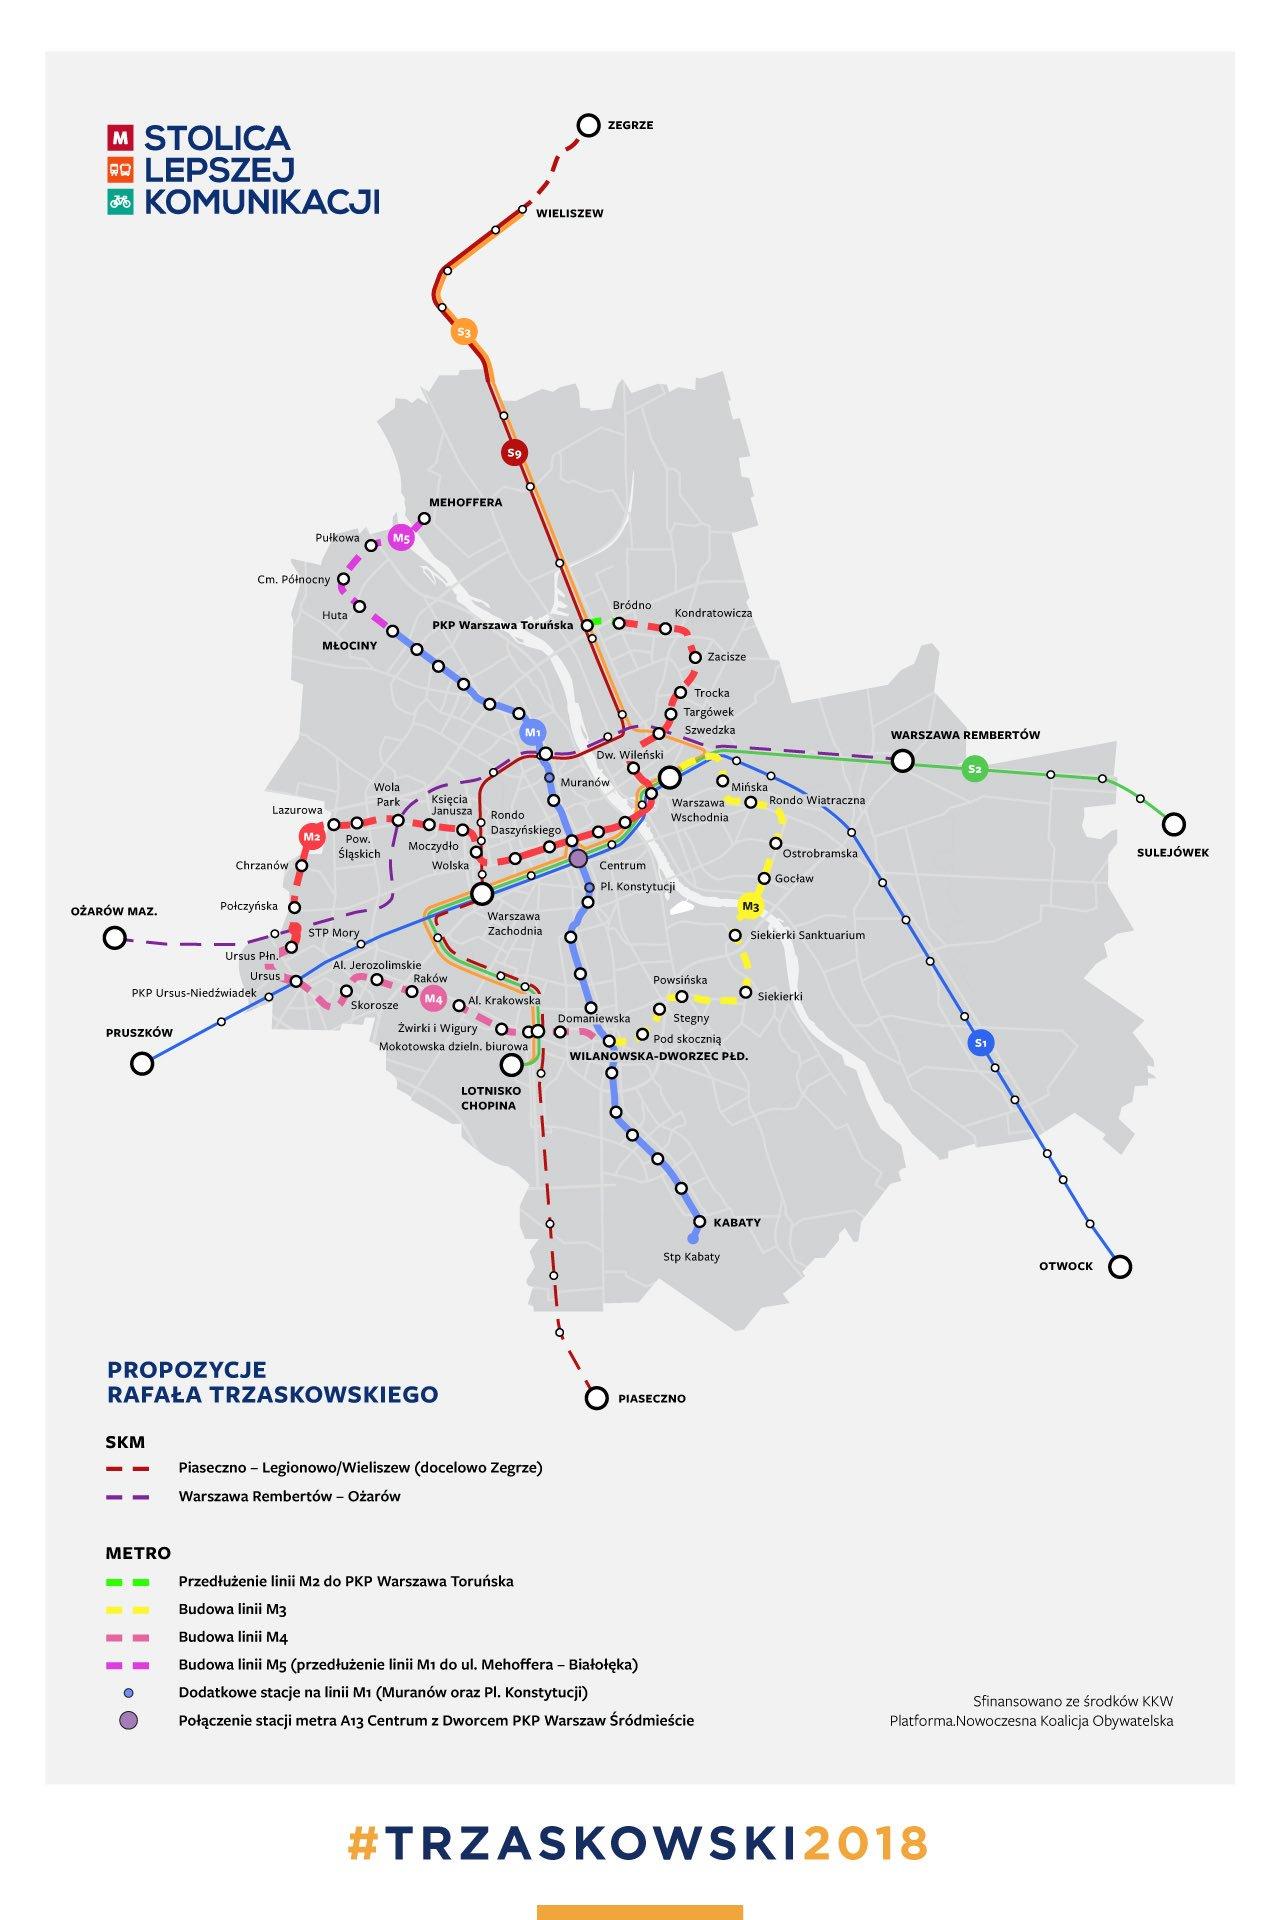 Trzaskowski Zapowiada Nowe Linie Metra Oraz Skm Live 300polityka